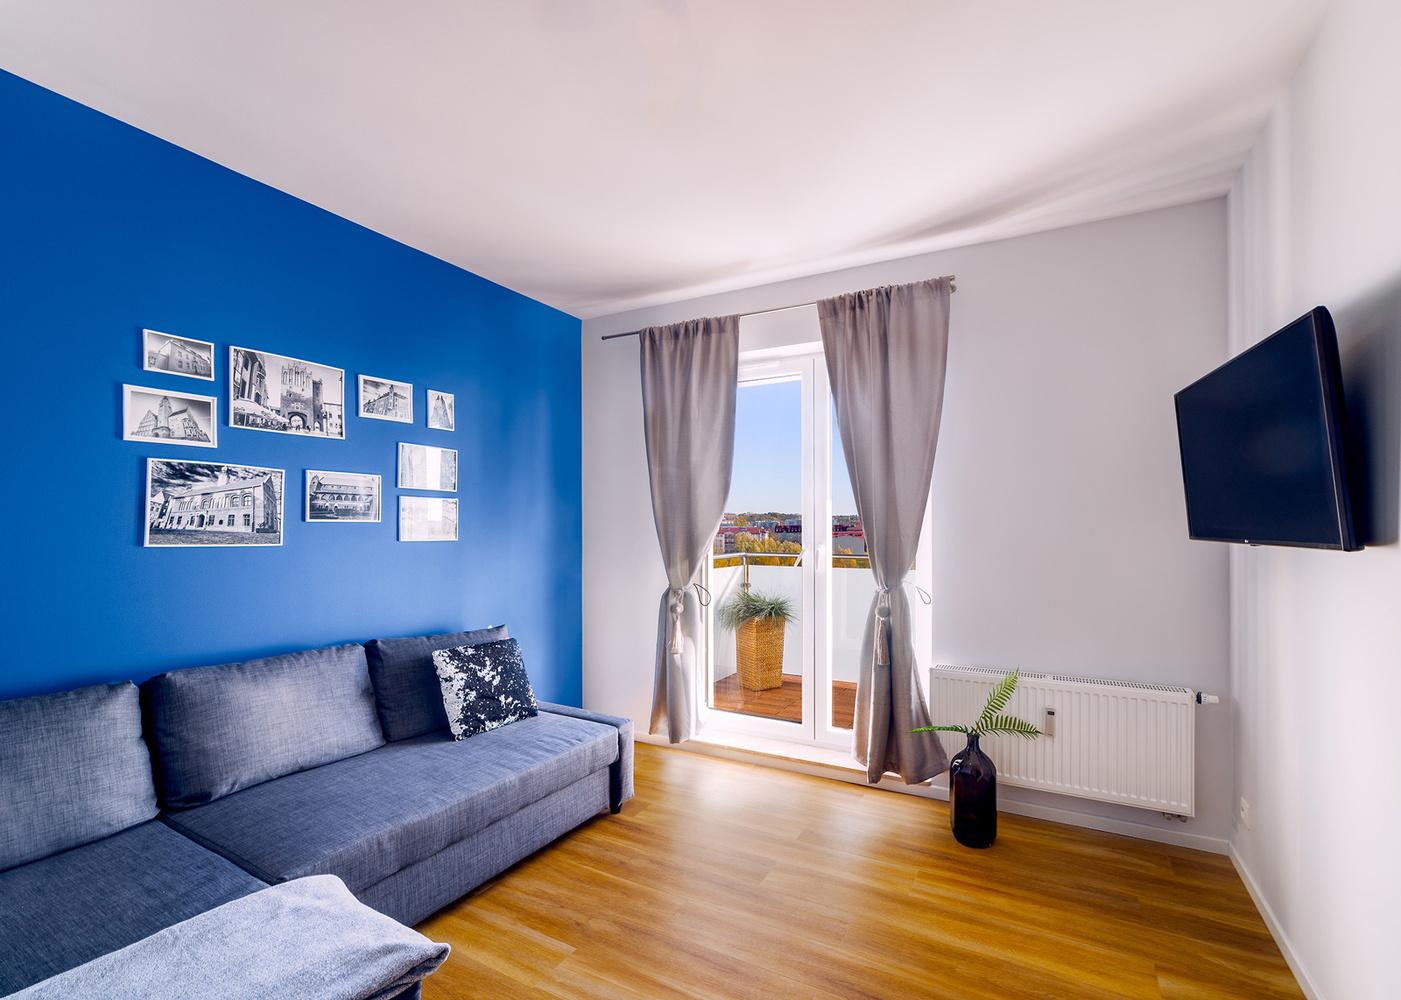 Tiny apartment/room by Tom Piaf